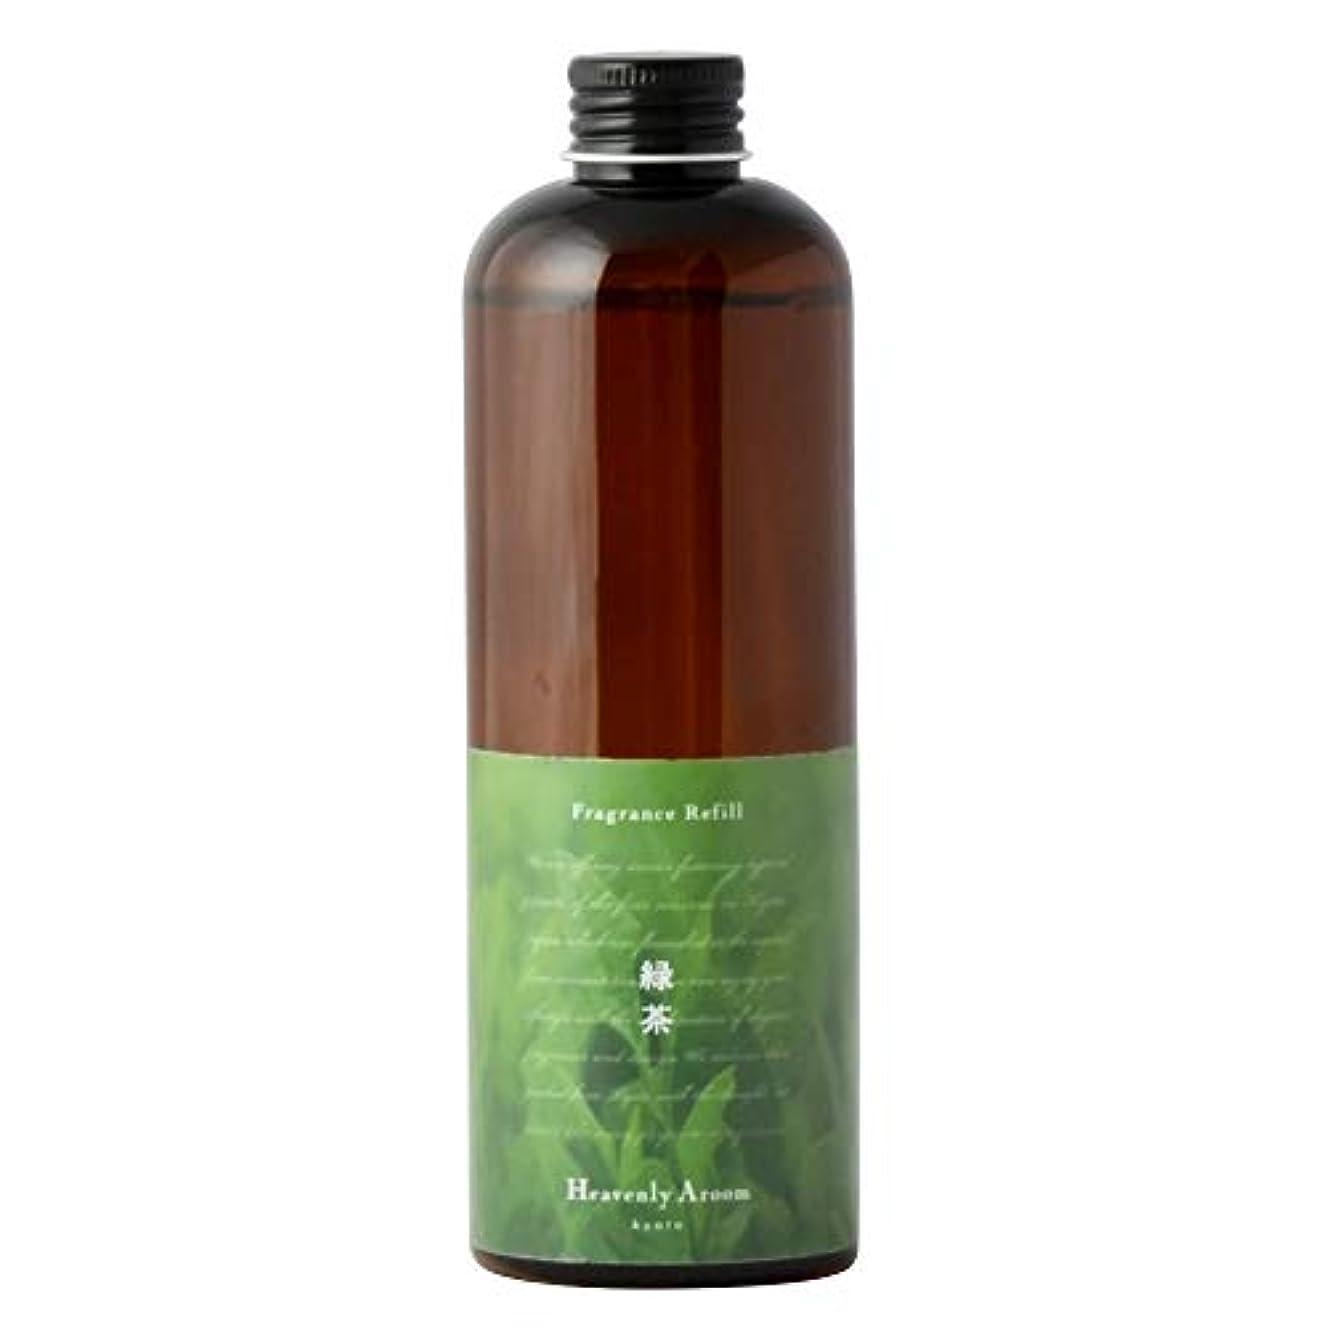 ダブル叙情的なクックHeavenly Aroomフレグランスリフィル 緑茶 300ml